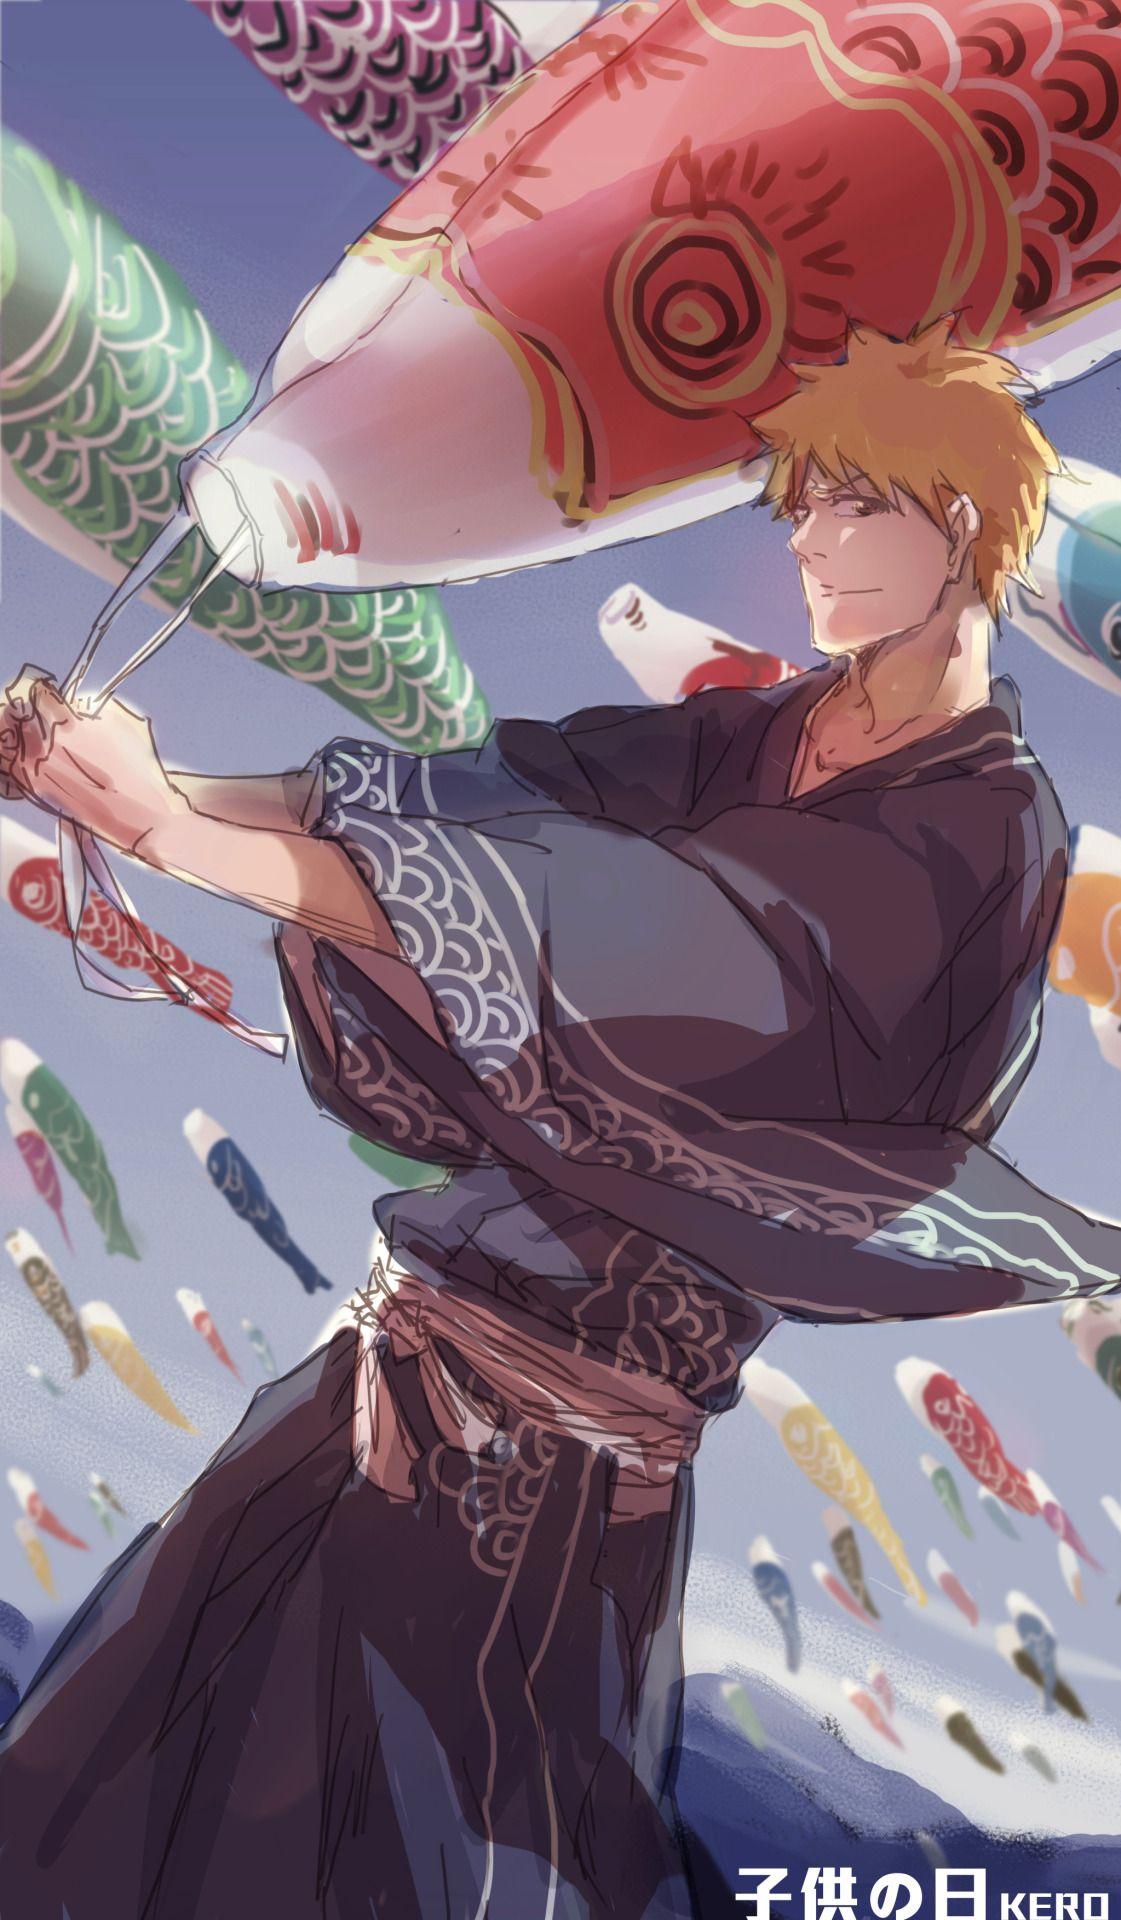 Manga Bleach Characters